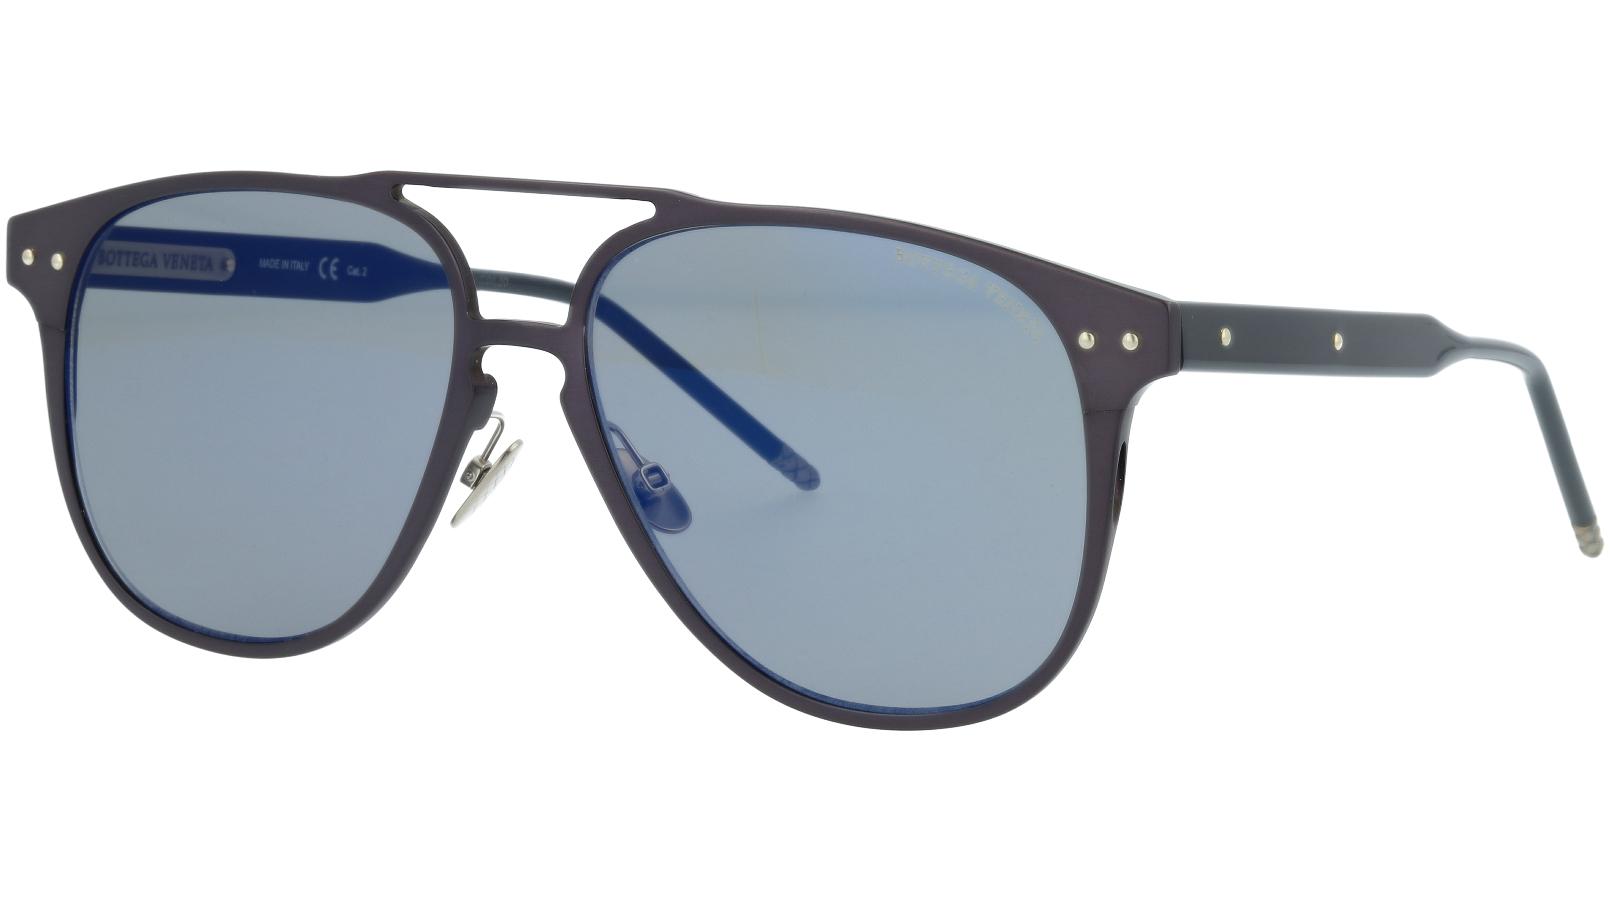 Bottega Veneta BV0212S 003 57 BLUE Sunglasses